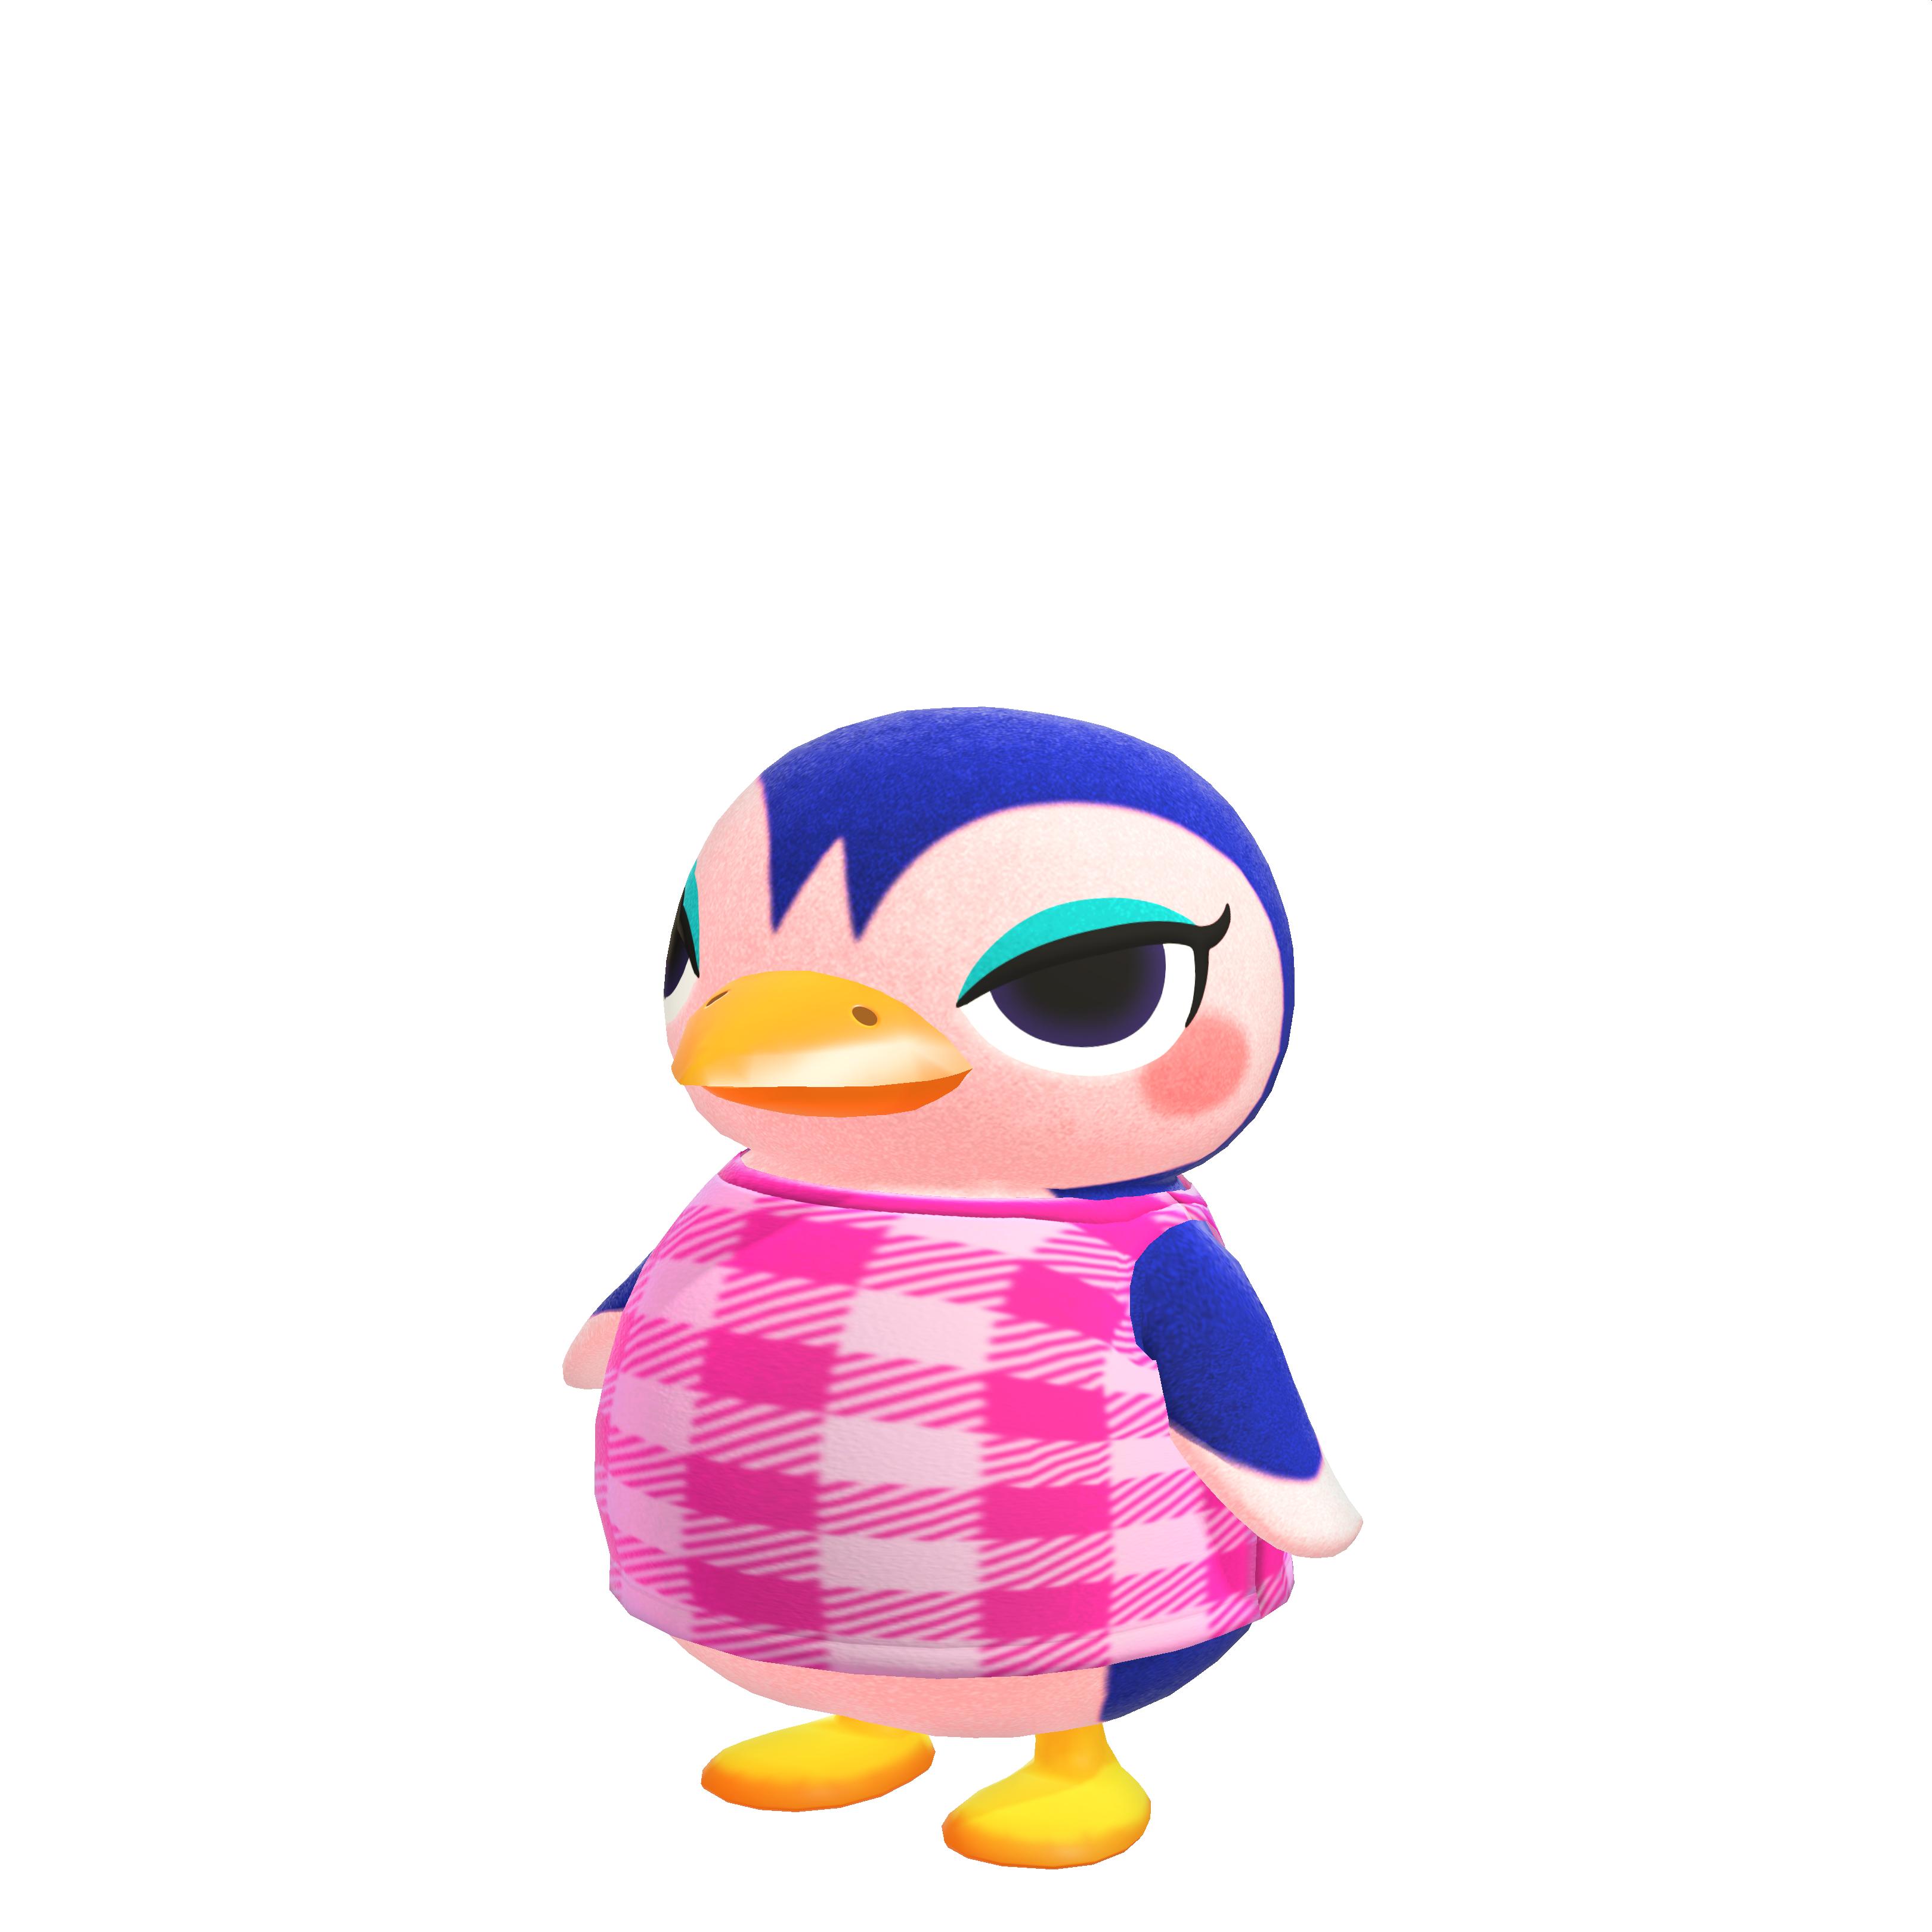 Animal Crossing New Horizons Wallpaper di 2020